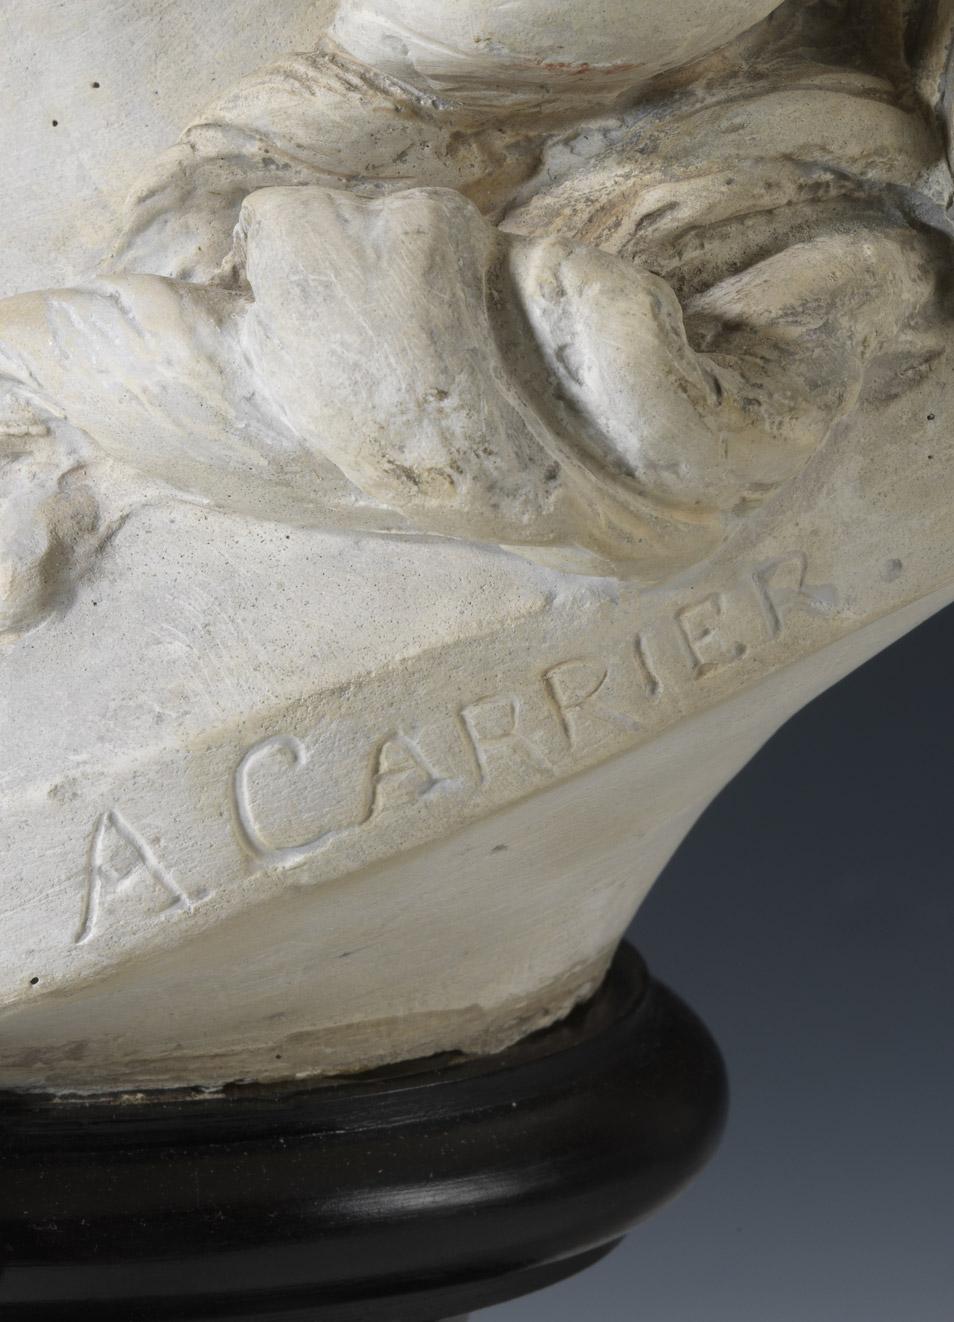 Buste d'Alexandre II Walewski enfant par Carrier-Belleuse - Patrimoine Charles-André COLONNA WALEWSKI, en ligne directe de Napoléon